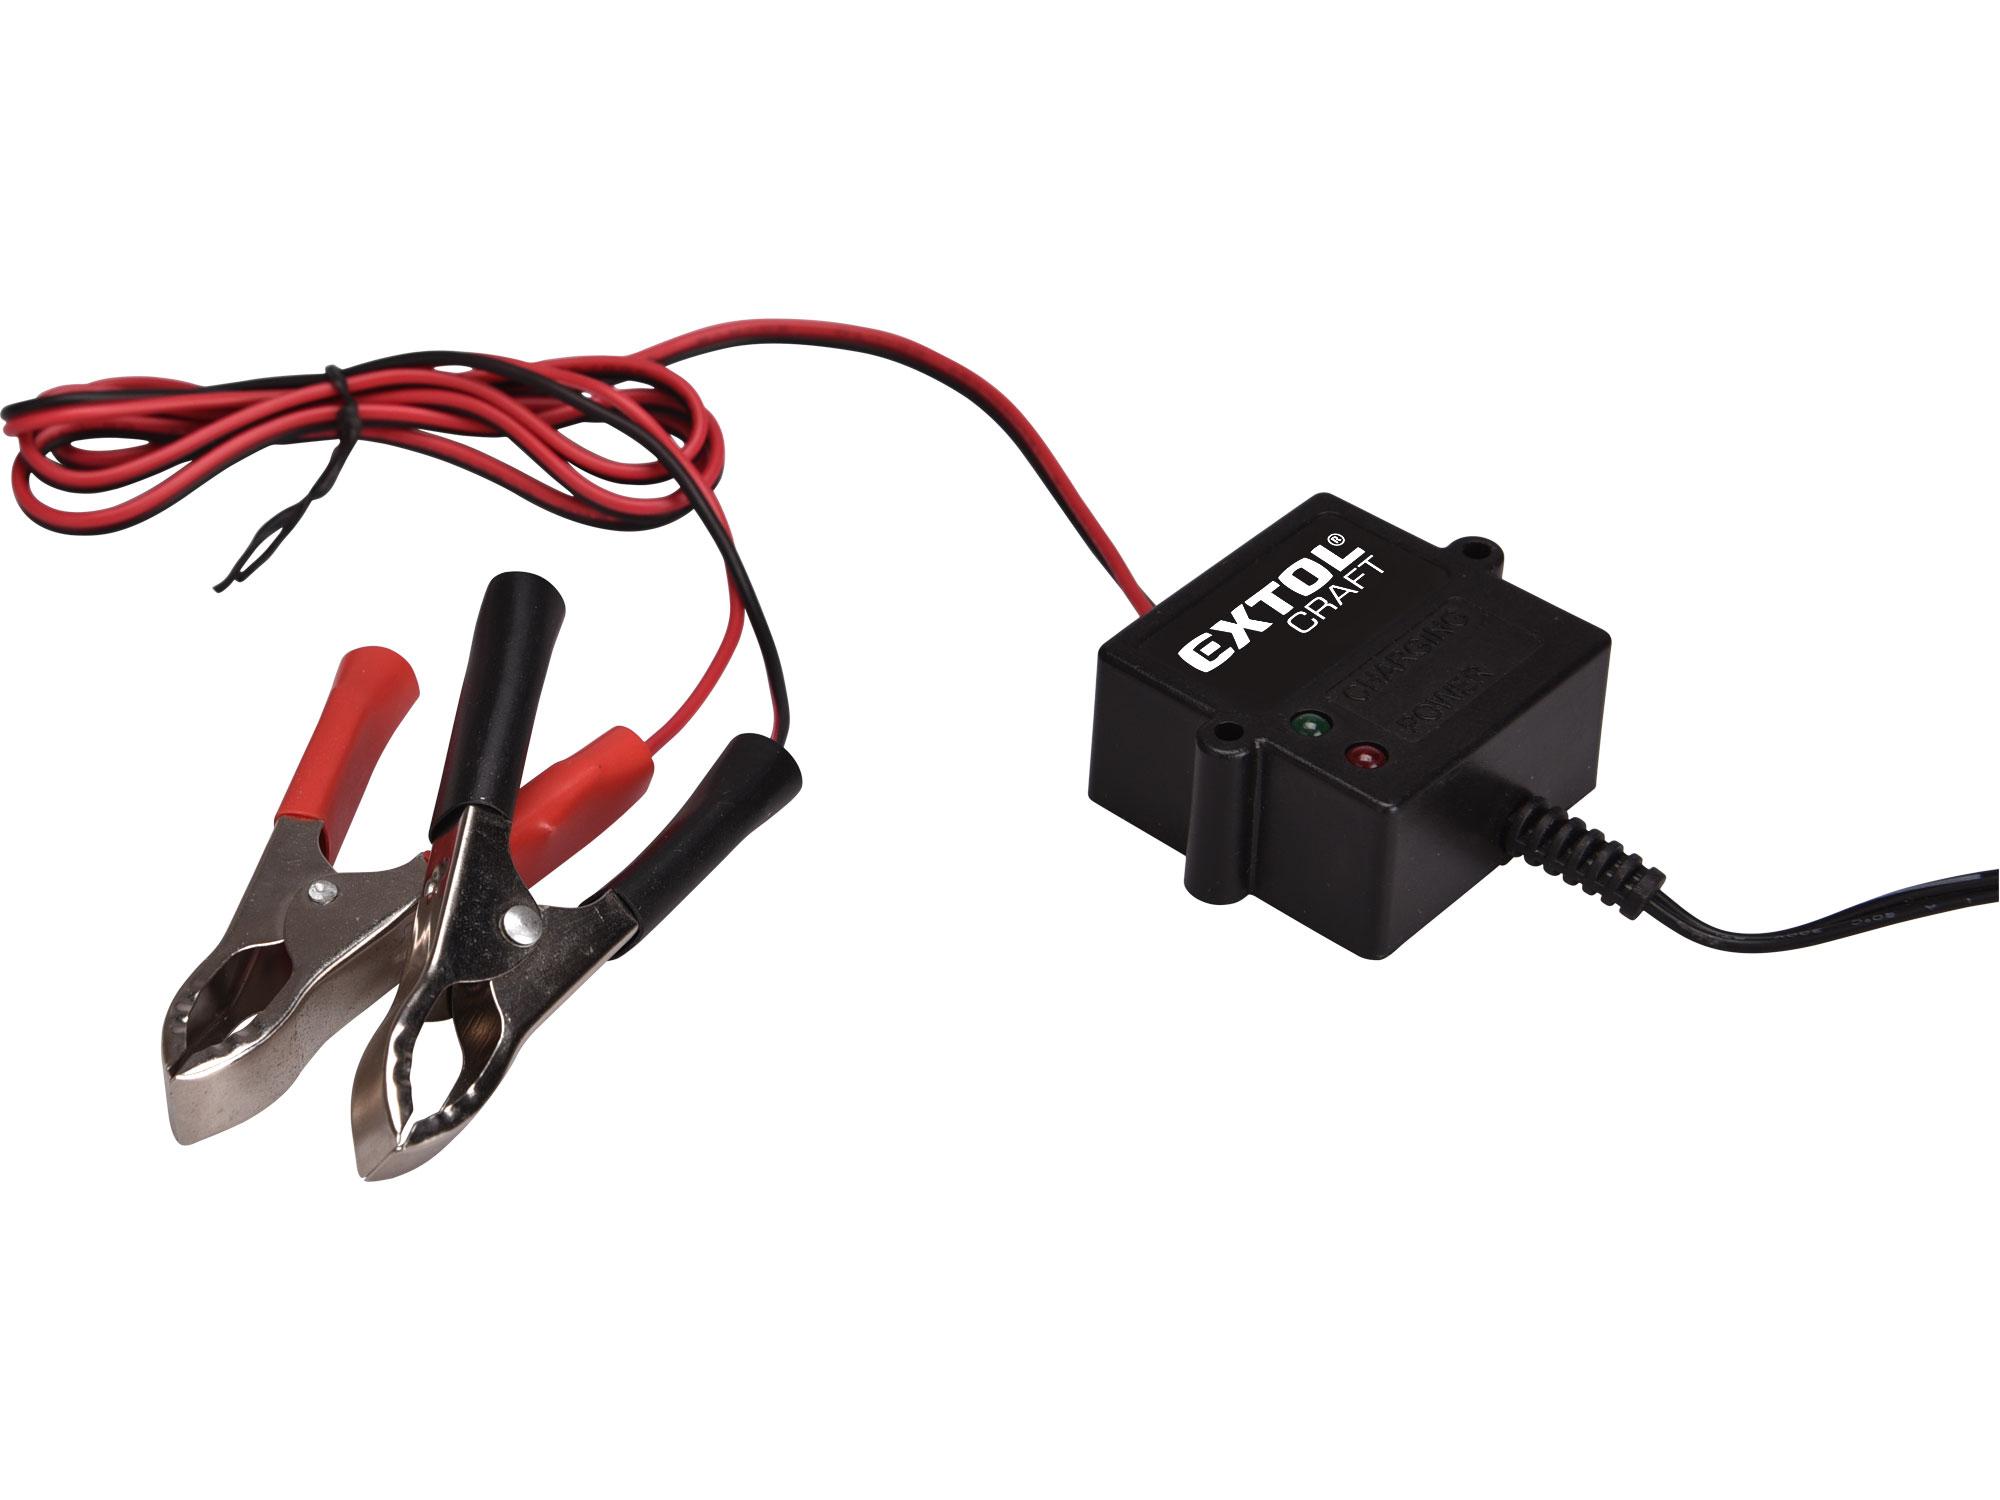 Autonabíječka udržovací, 12V, 500mA EXTOL CRAFT 417302